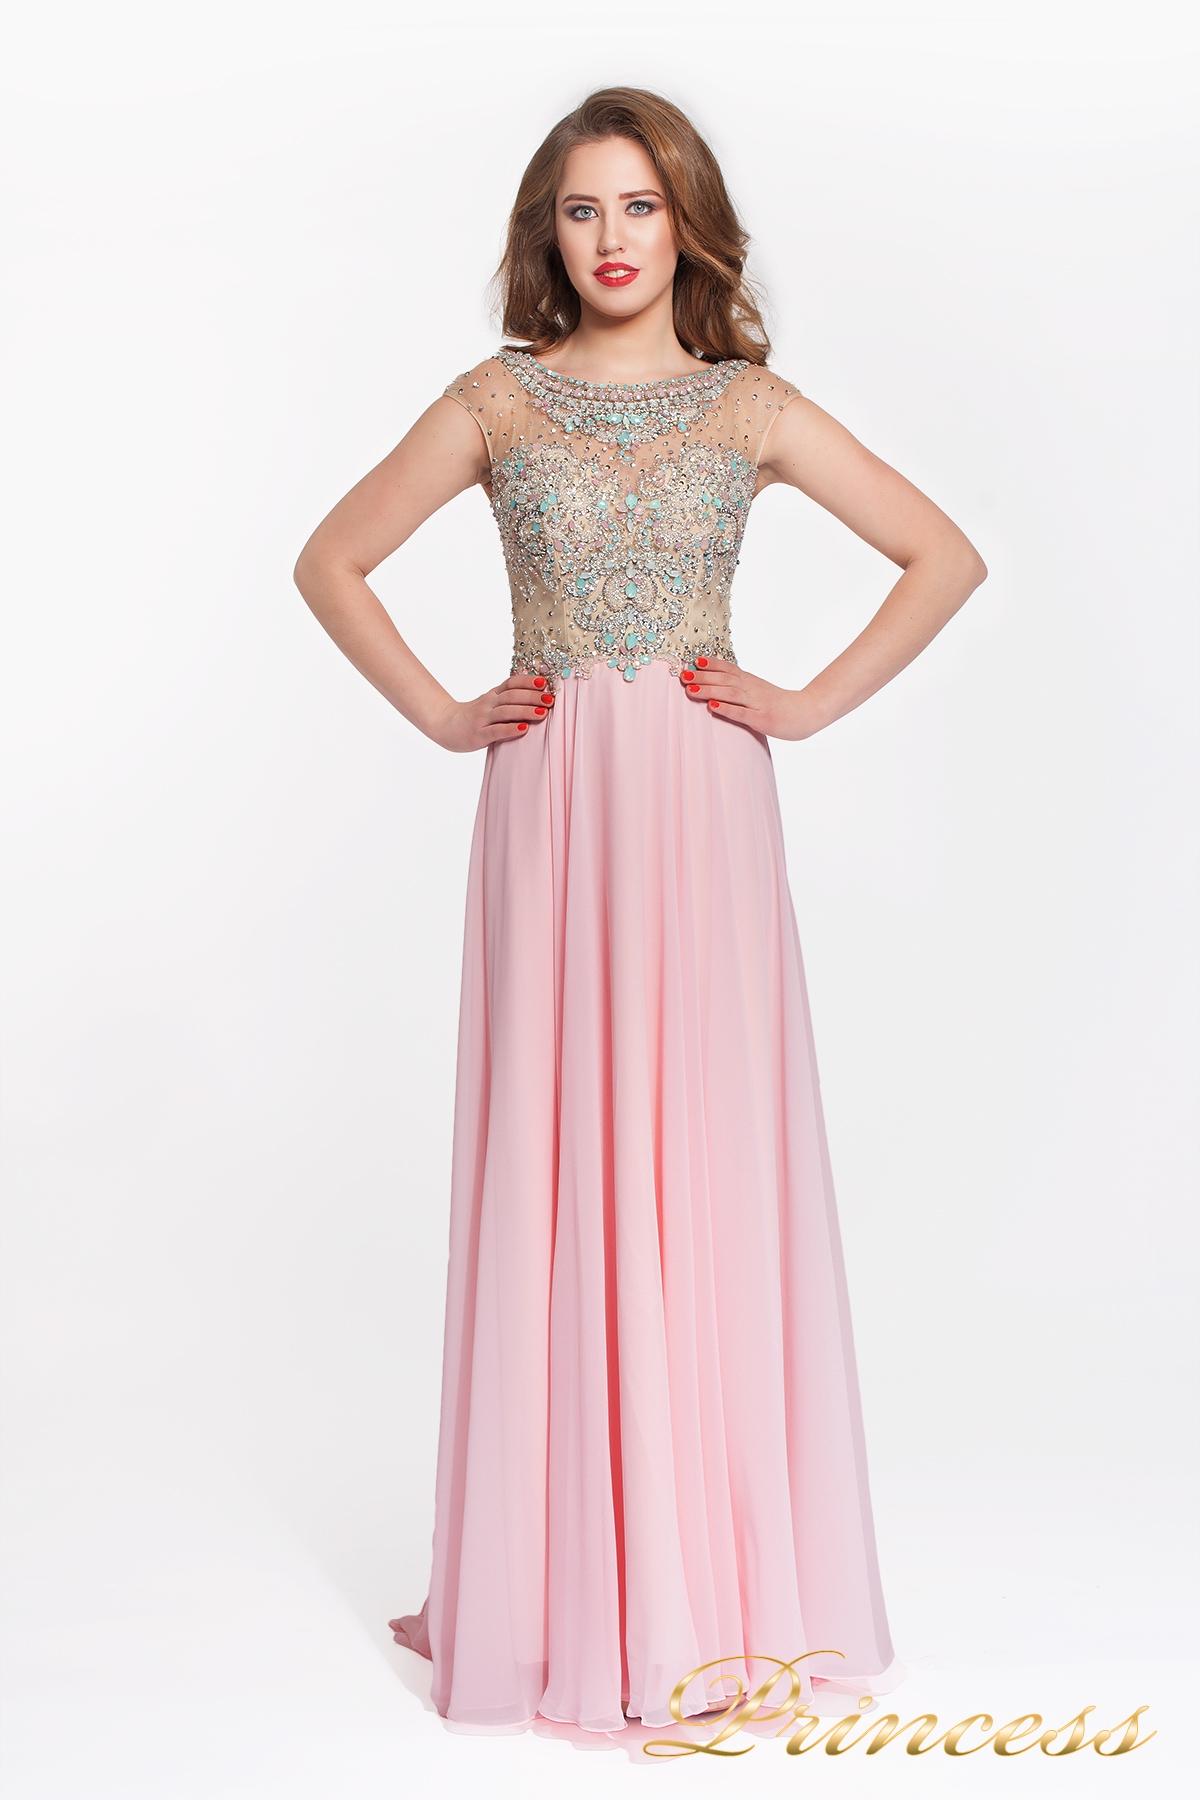 446ab69efd5 Купить вечернее платье 150009 pink розового цвета по цене 24500 руб ...